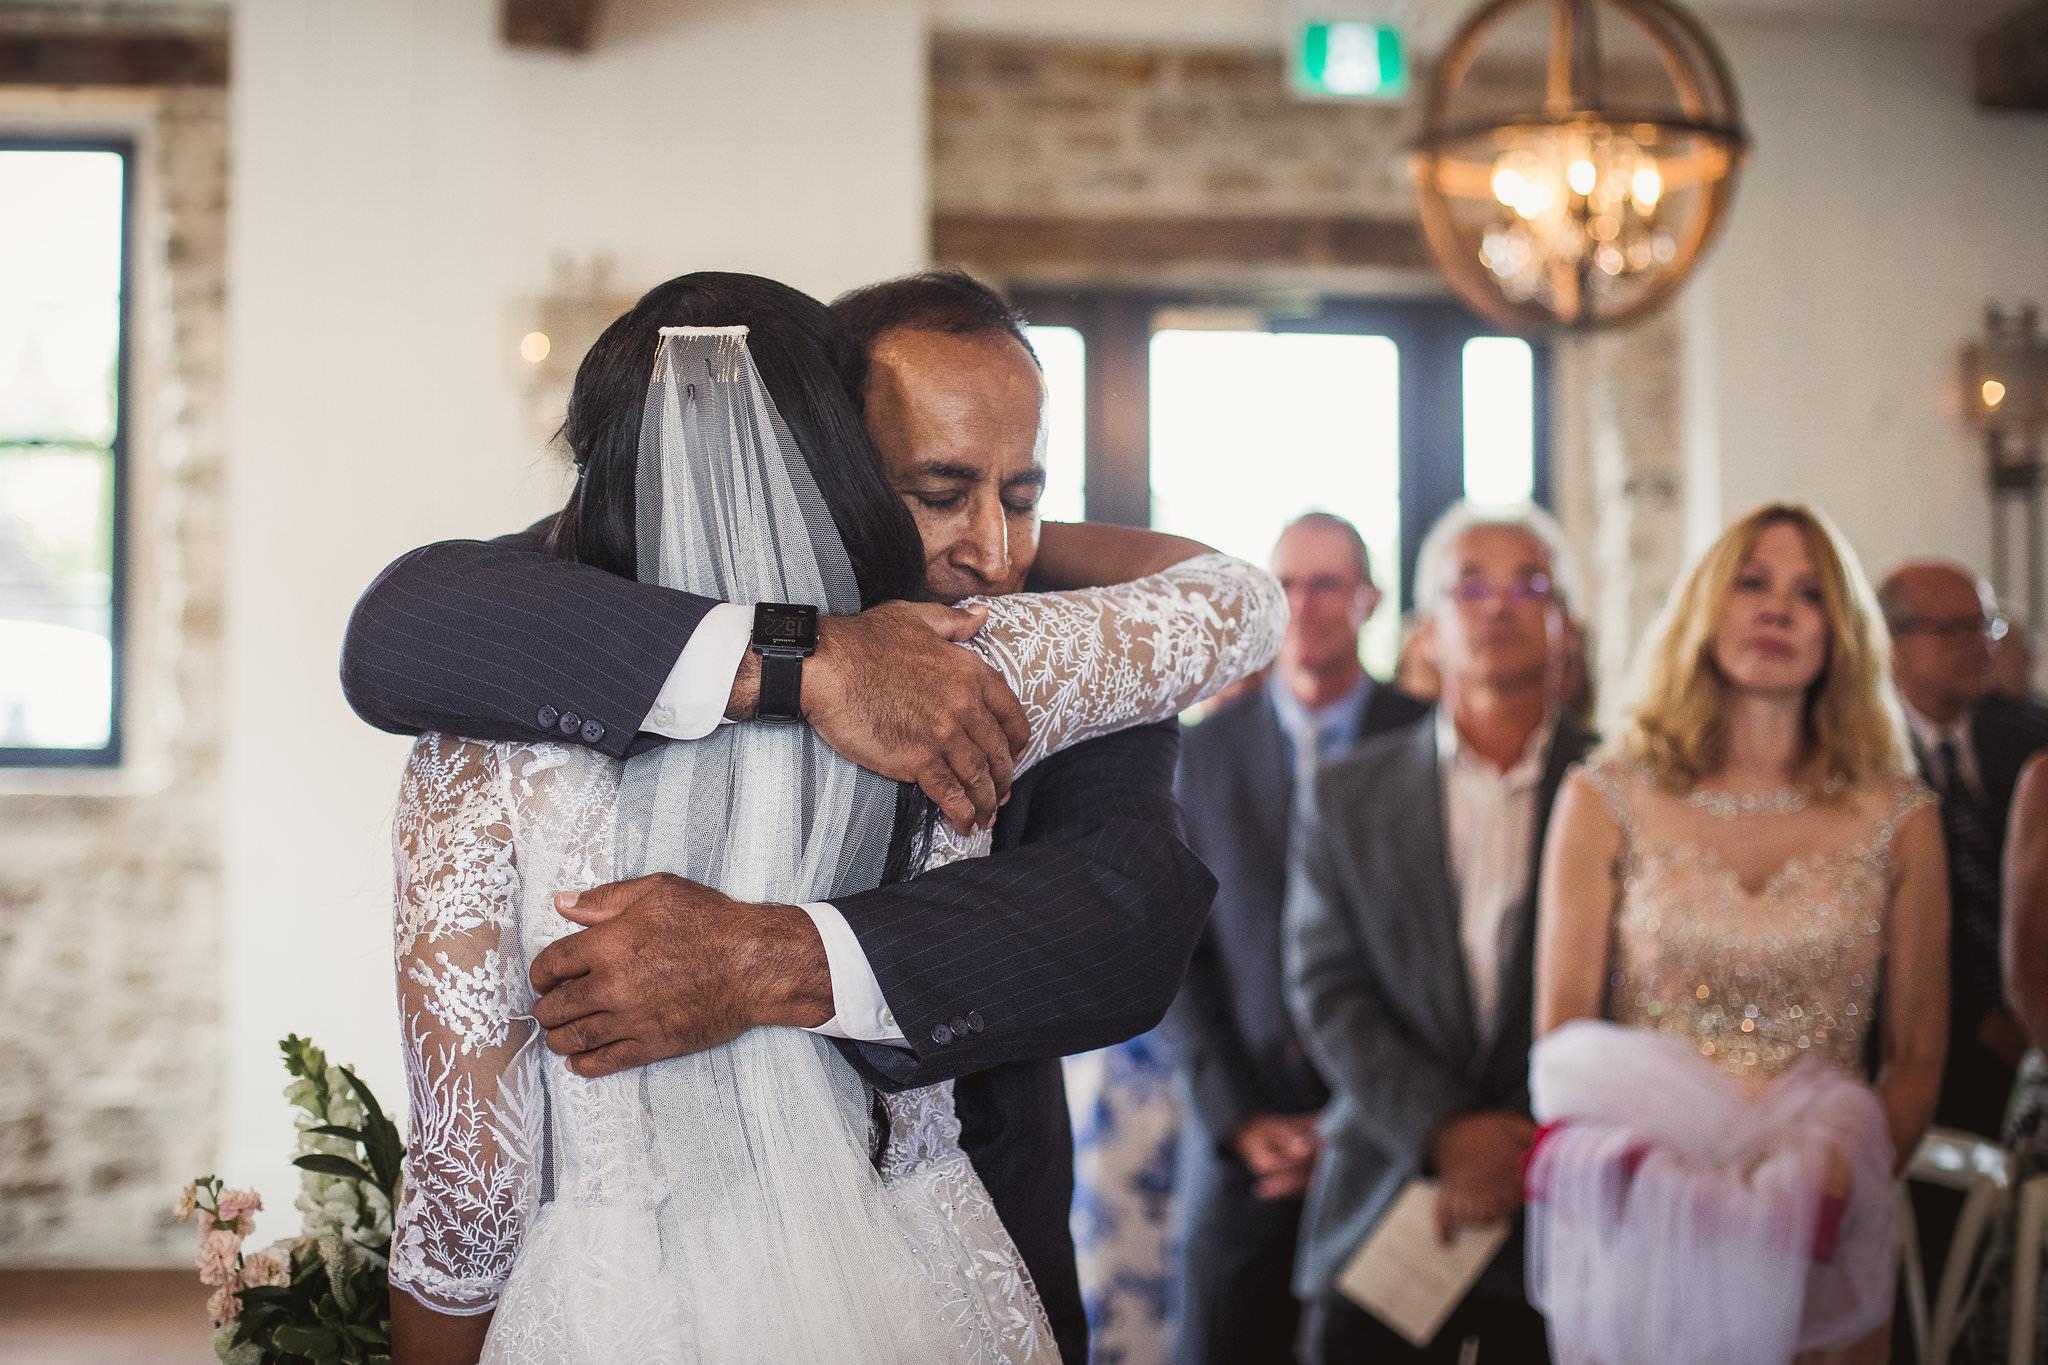 eloramillwedding 440 - Elora Mill Wedding